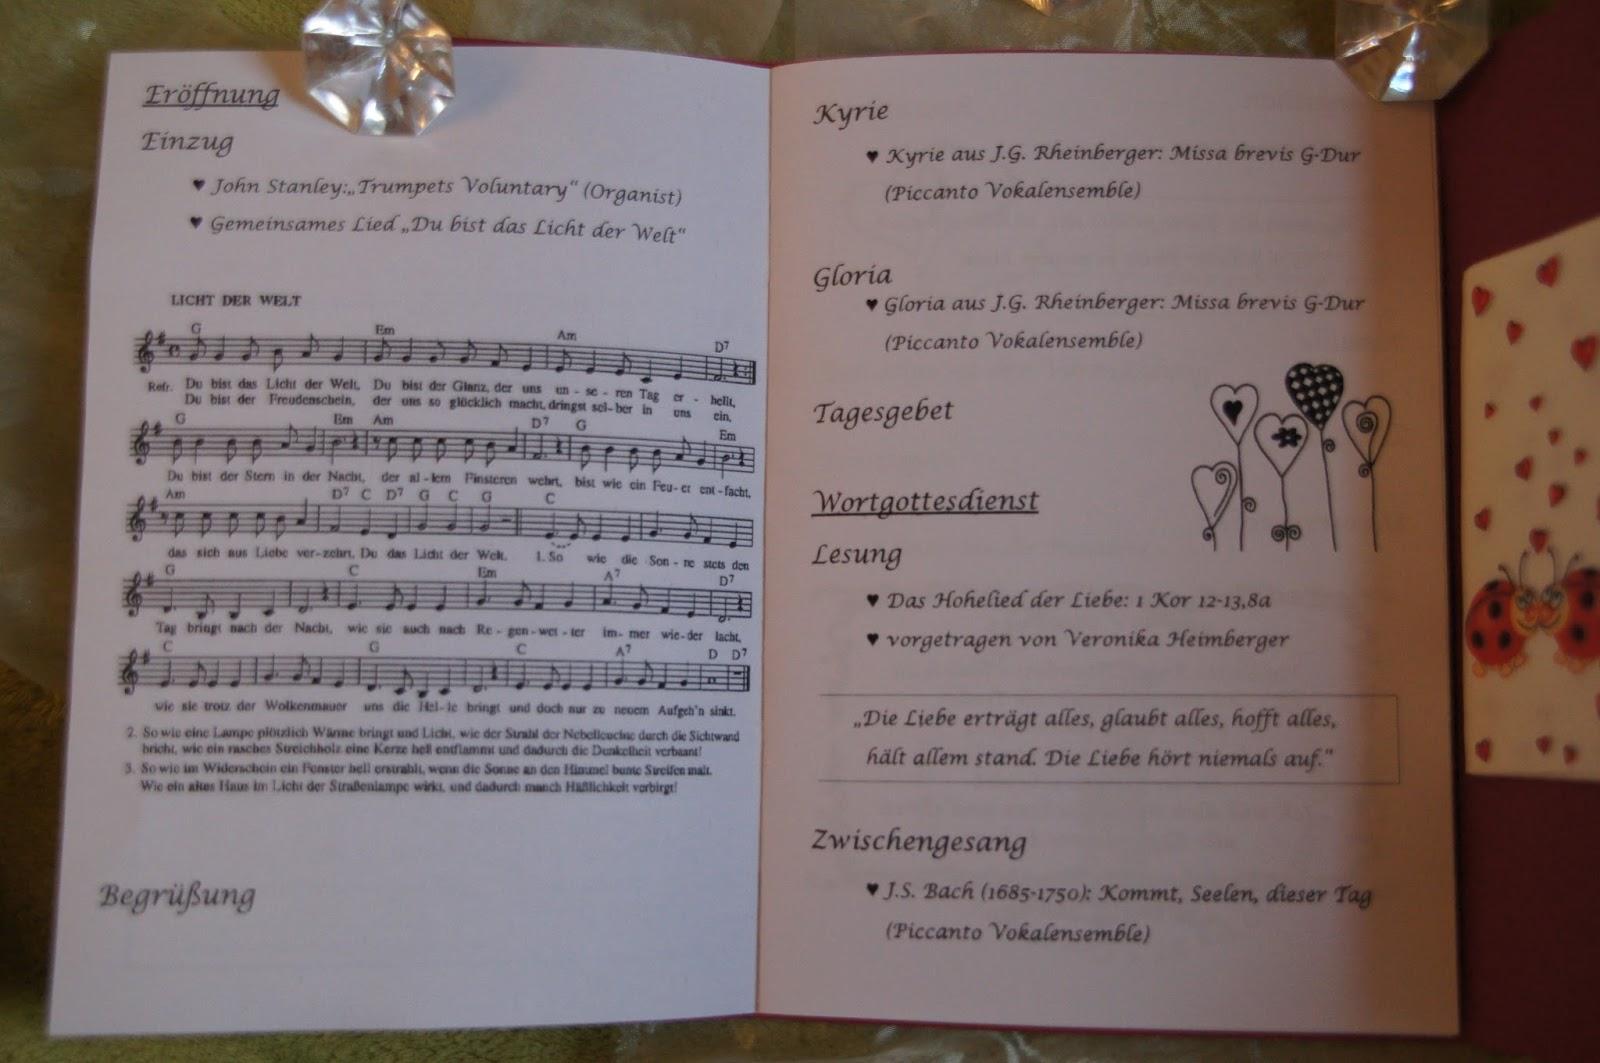 Kirchliche trauung musik